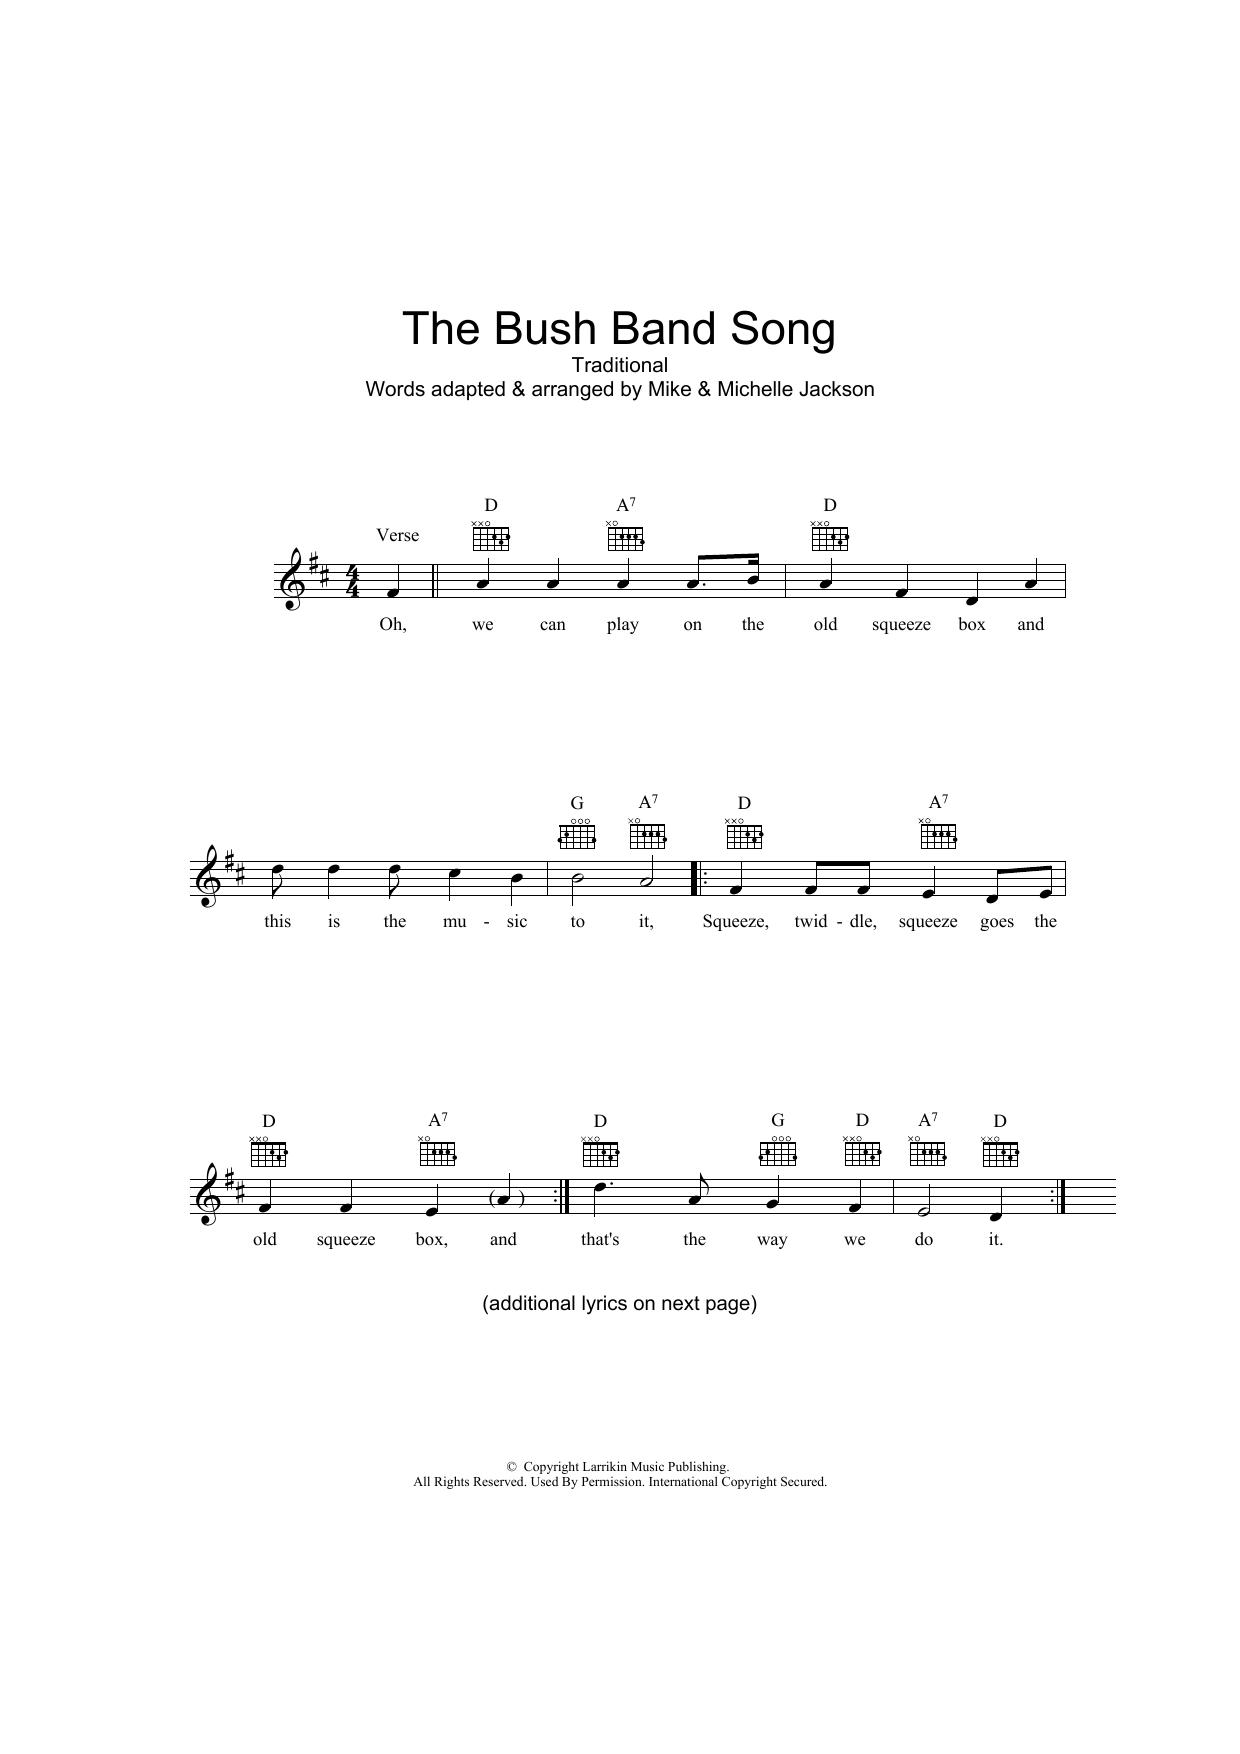 The Bush Band Song Sheet Music